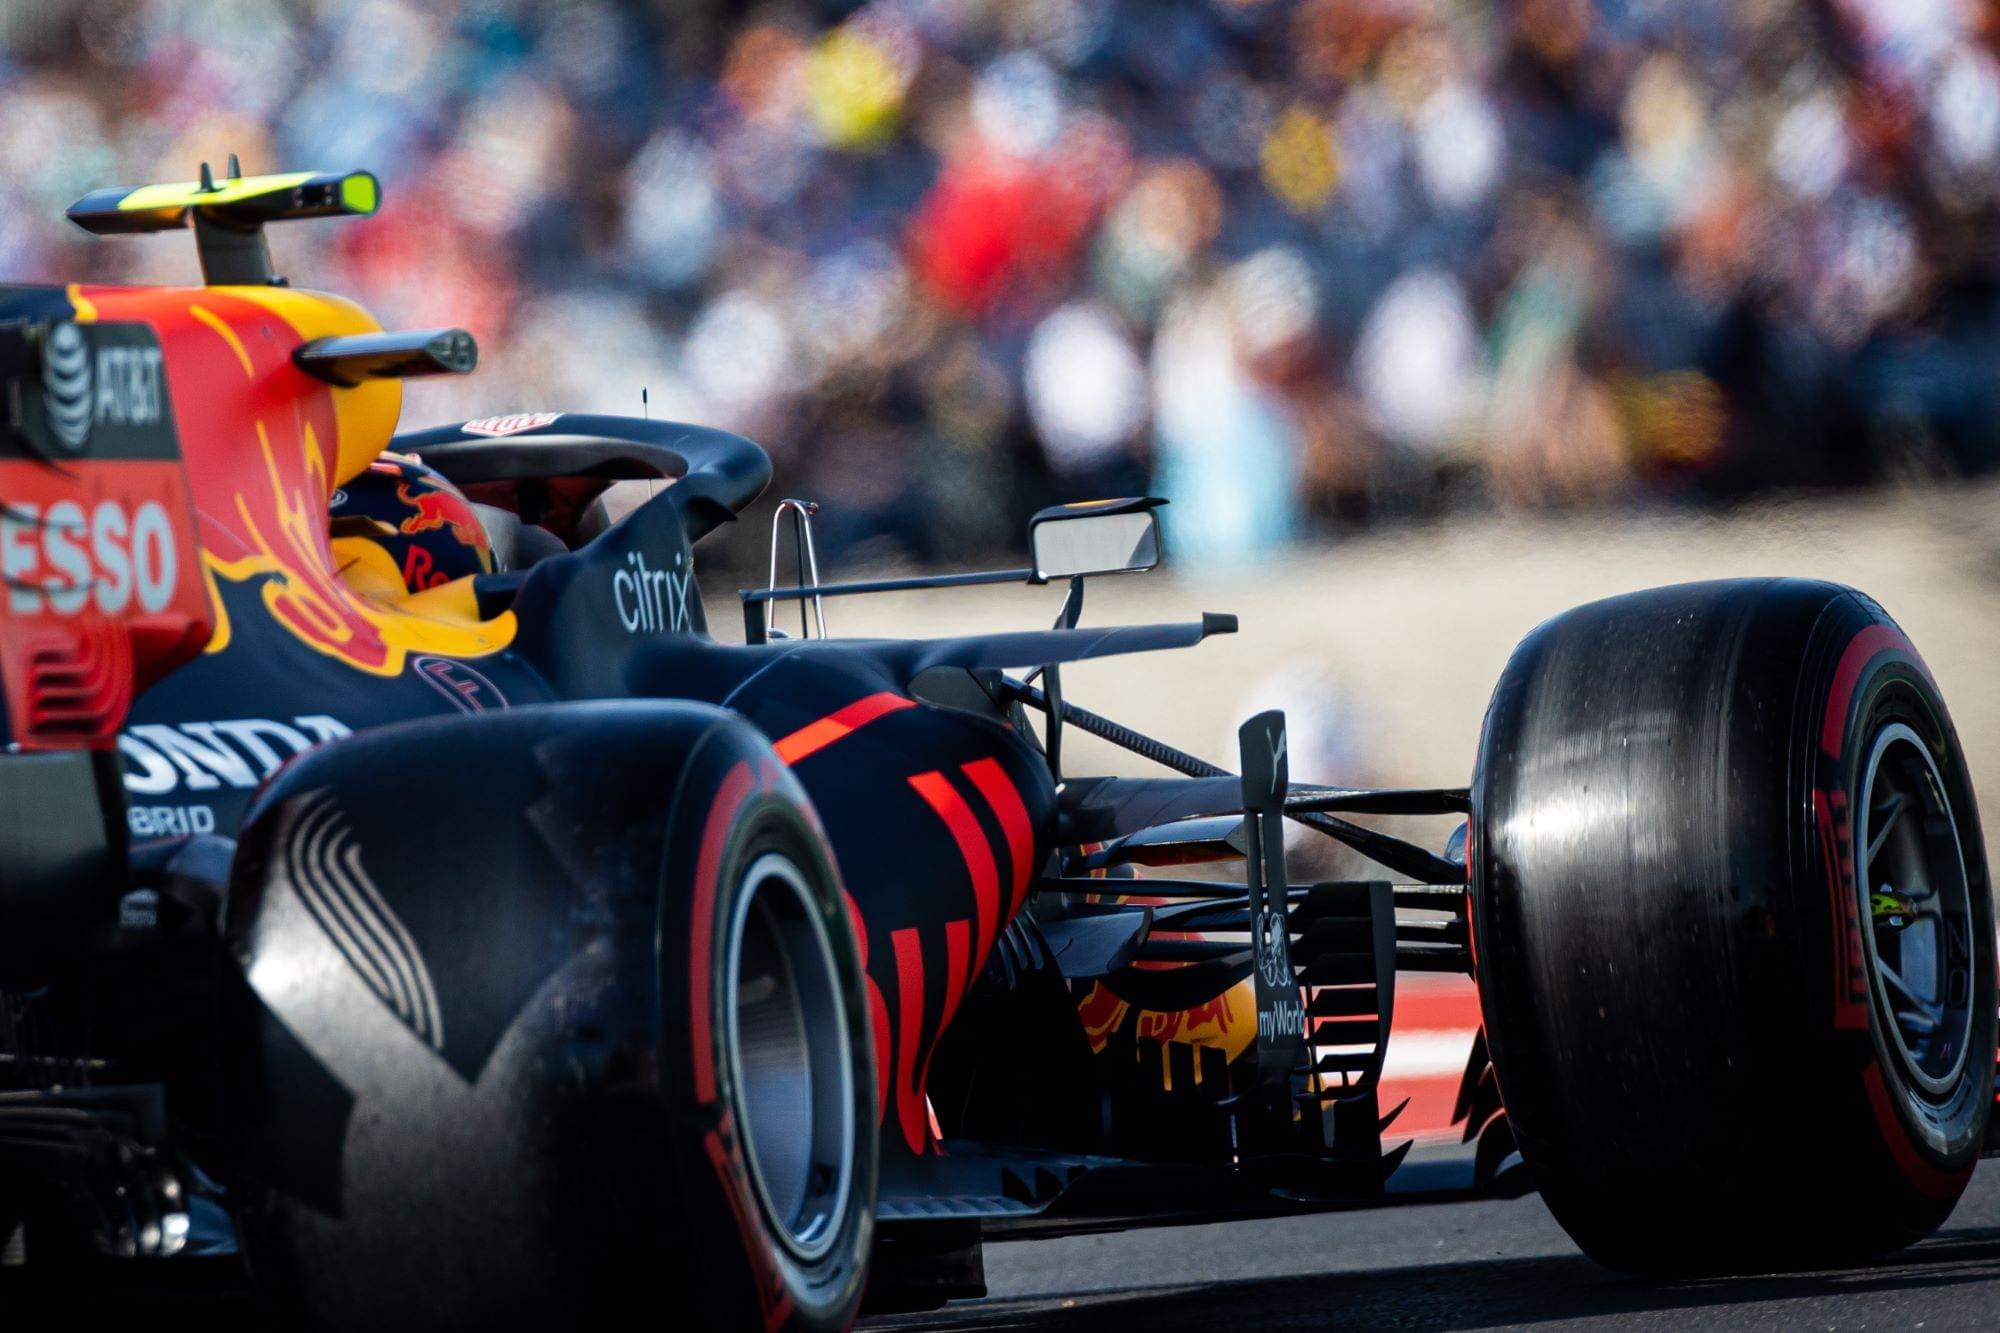 Raio X Da Temporada 2020 Da F1 Aston Martin Red Bull Racing F1 F1mania